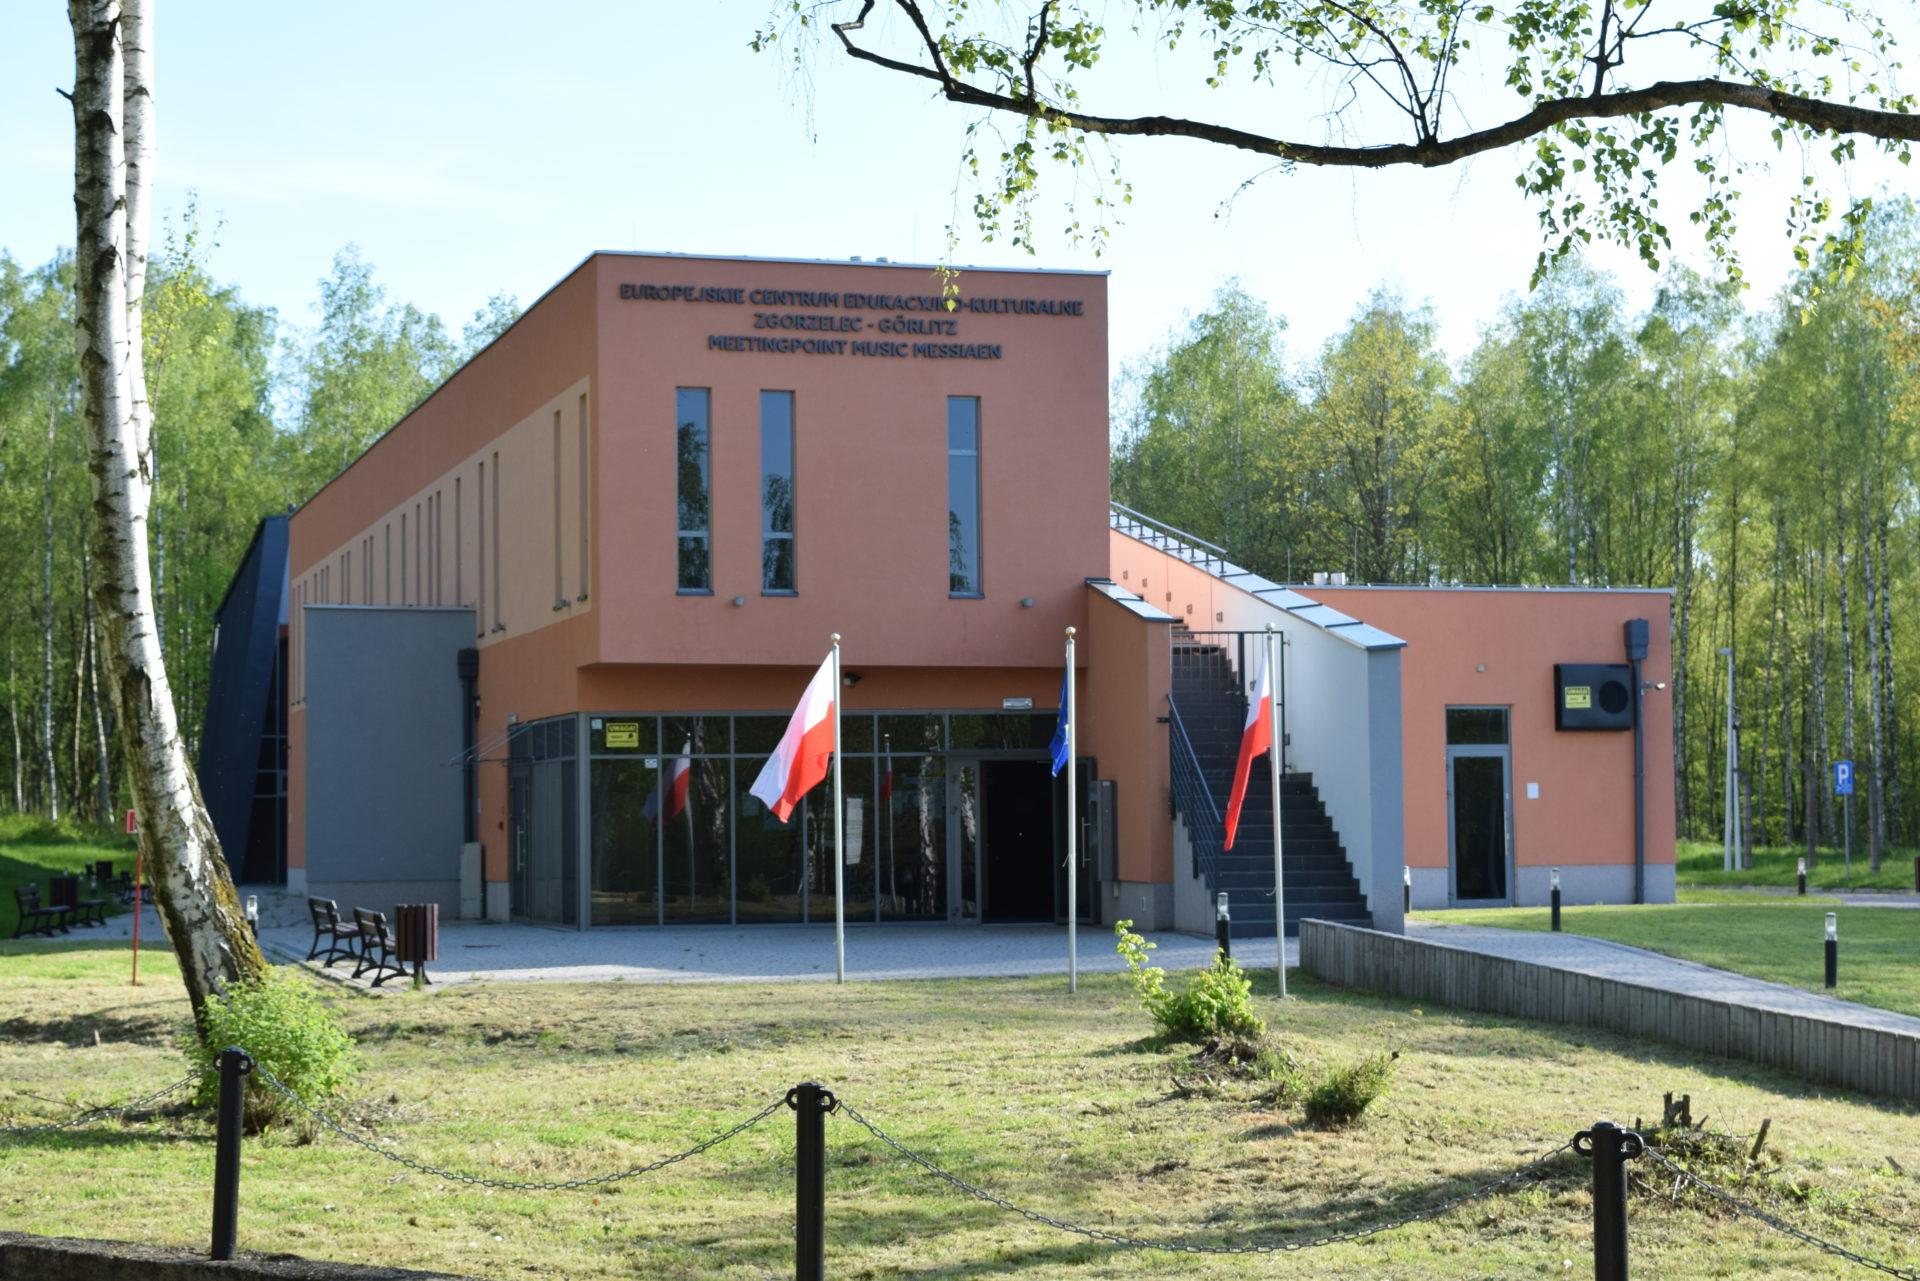 Dodatkowe godziny otwarcia Europejskiego Centrum Pamięć, Edukacja, Kultura